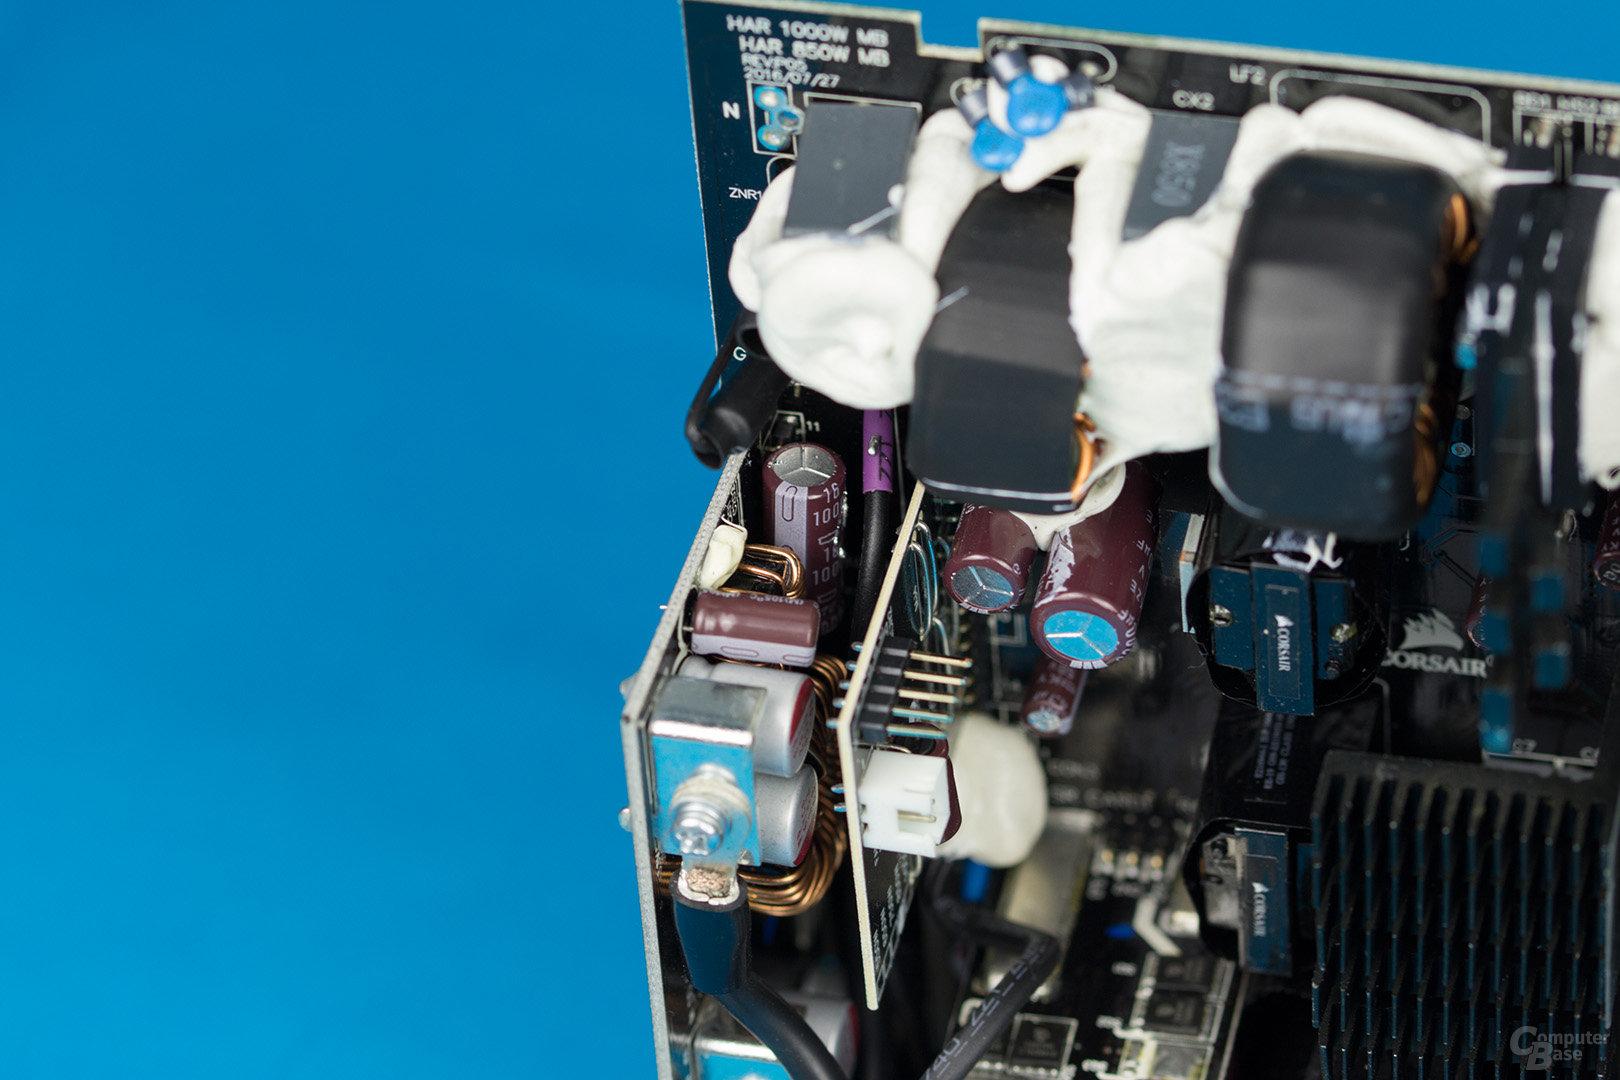 Corsair HX850 – Designschwäche wegen spitzen Testpins und Verarbeitungsmangel aufgrund Lötzinntropfen